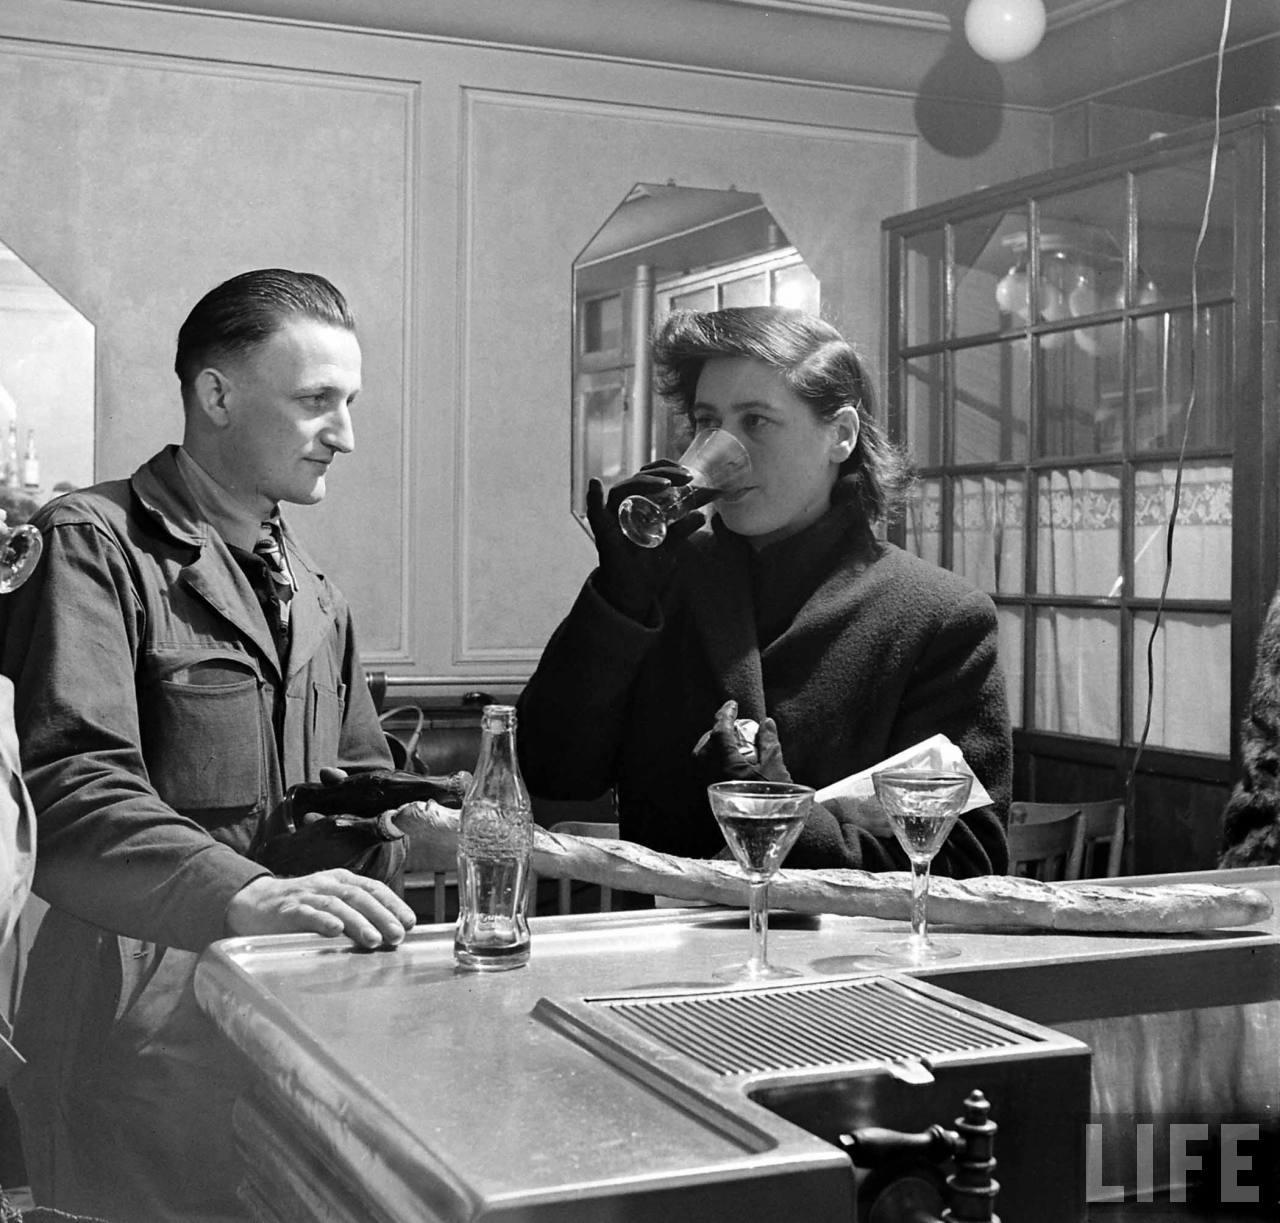 1950 coca cola arrive france 08 1950, Coca Cola arrive en France